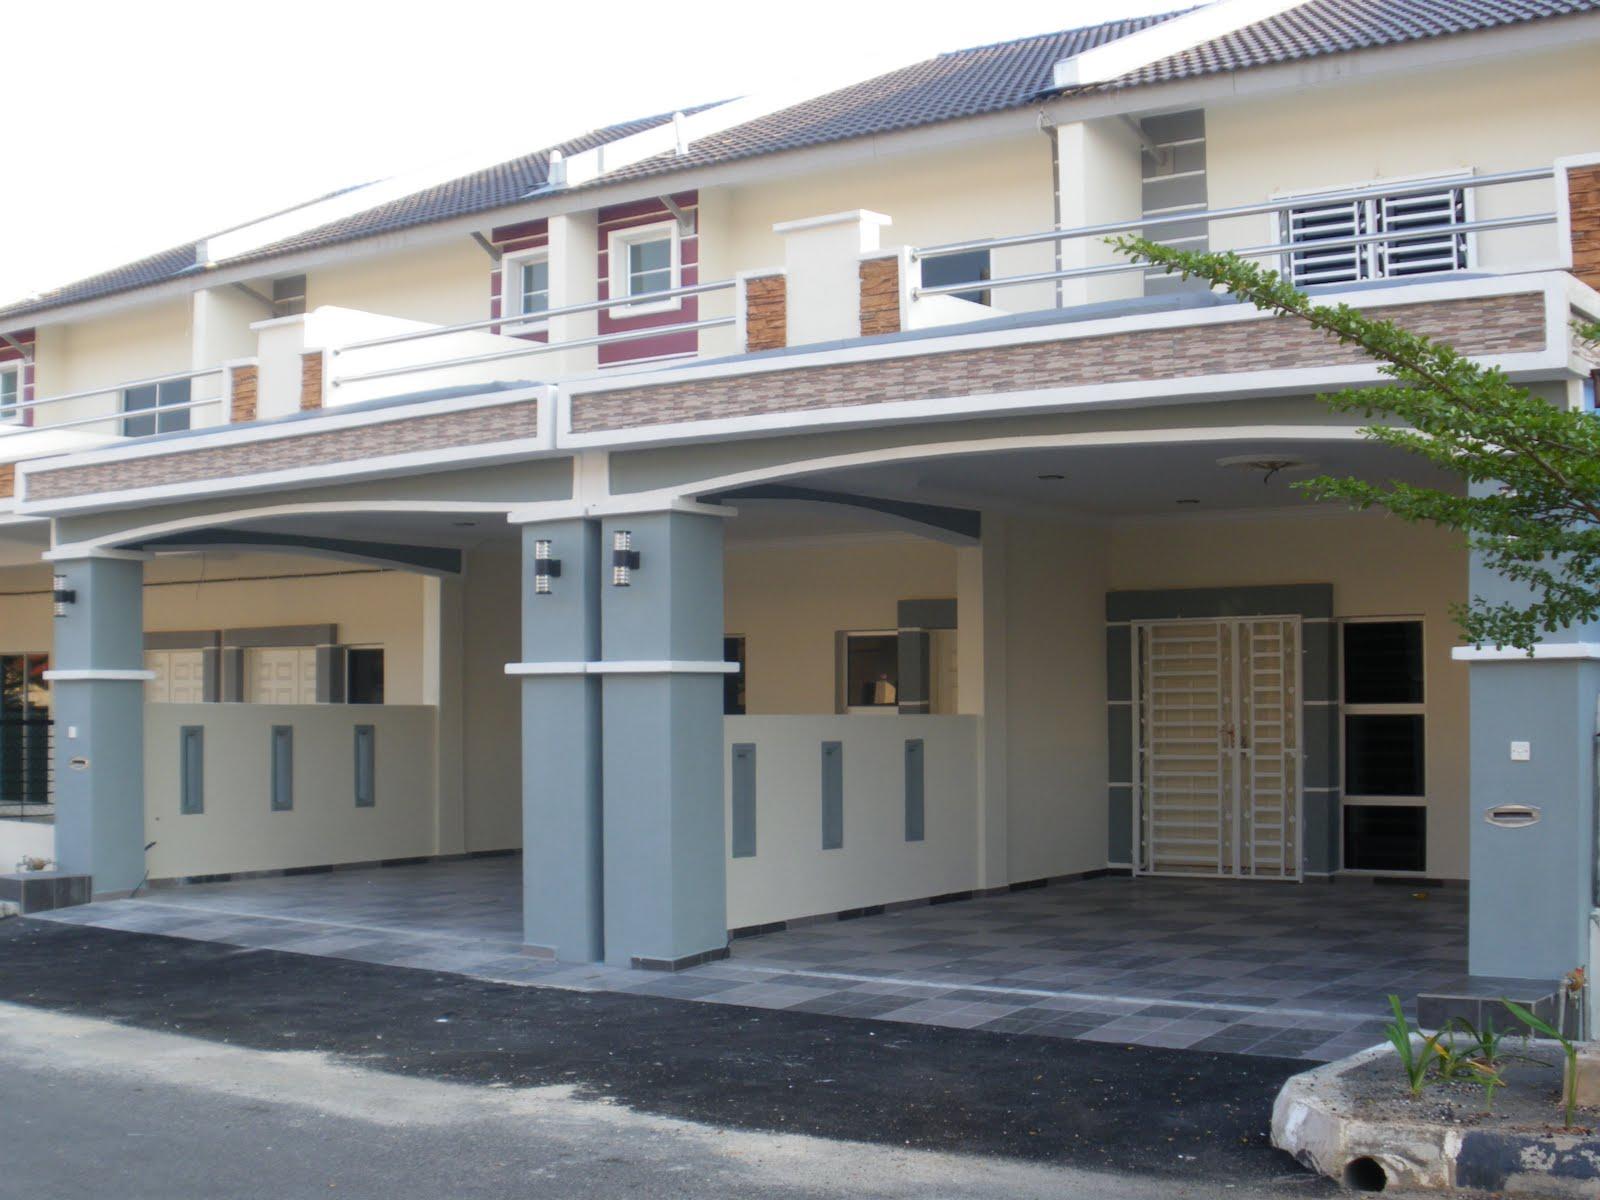 Kitchen & Car Porch Extension